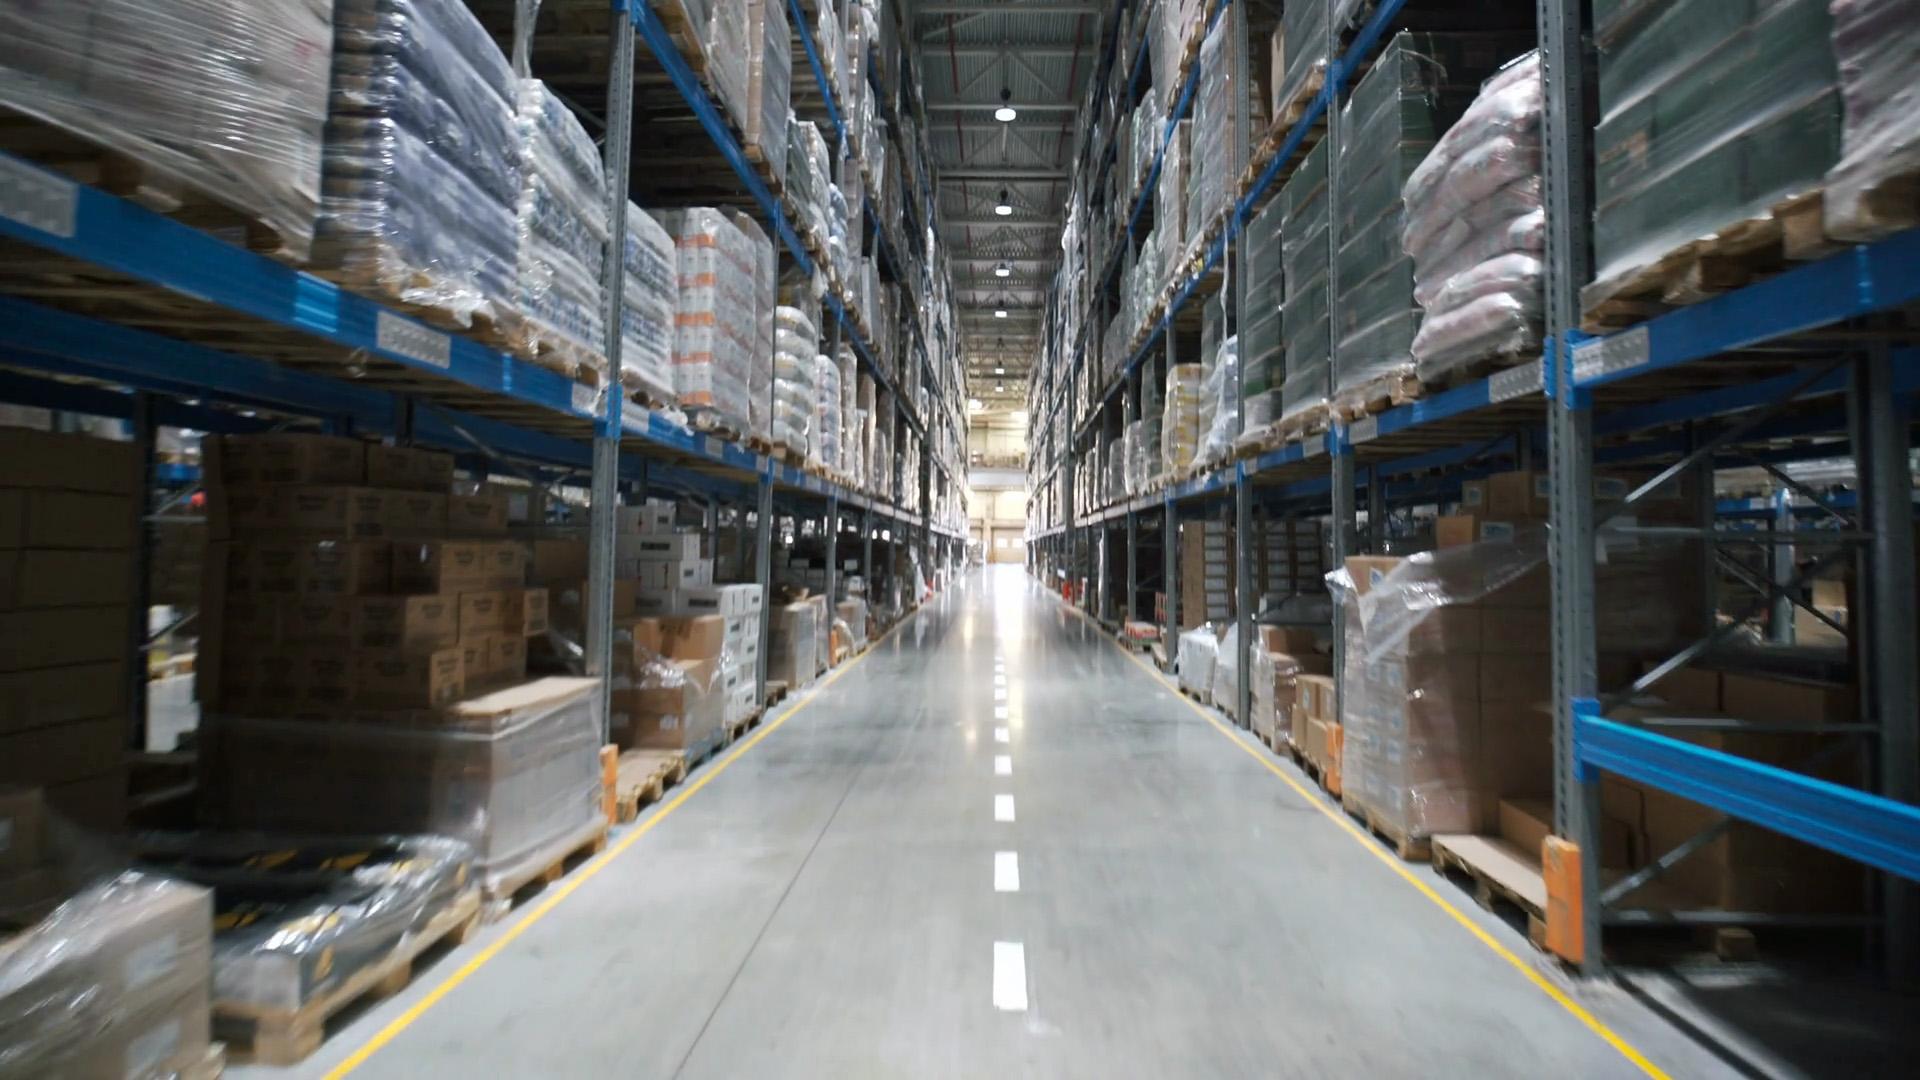 Realiza una instalación estratégica de los pasillos del almacén y de la estantería